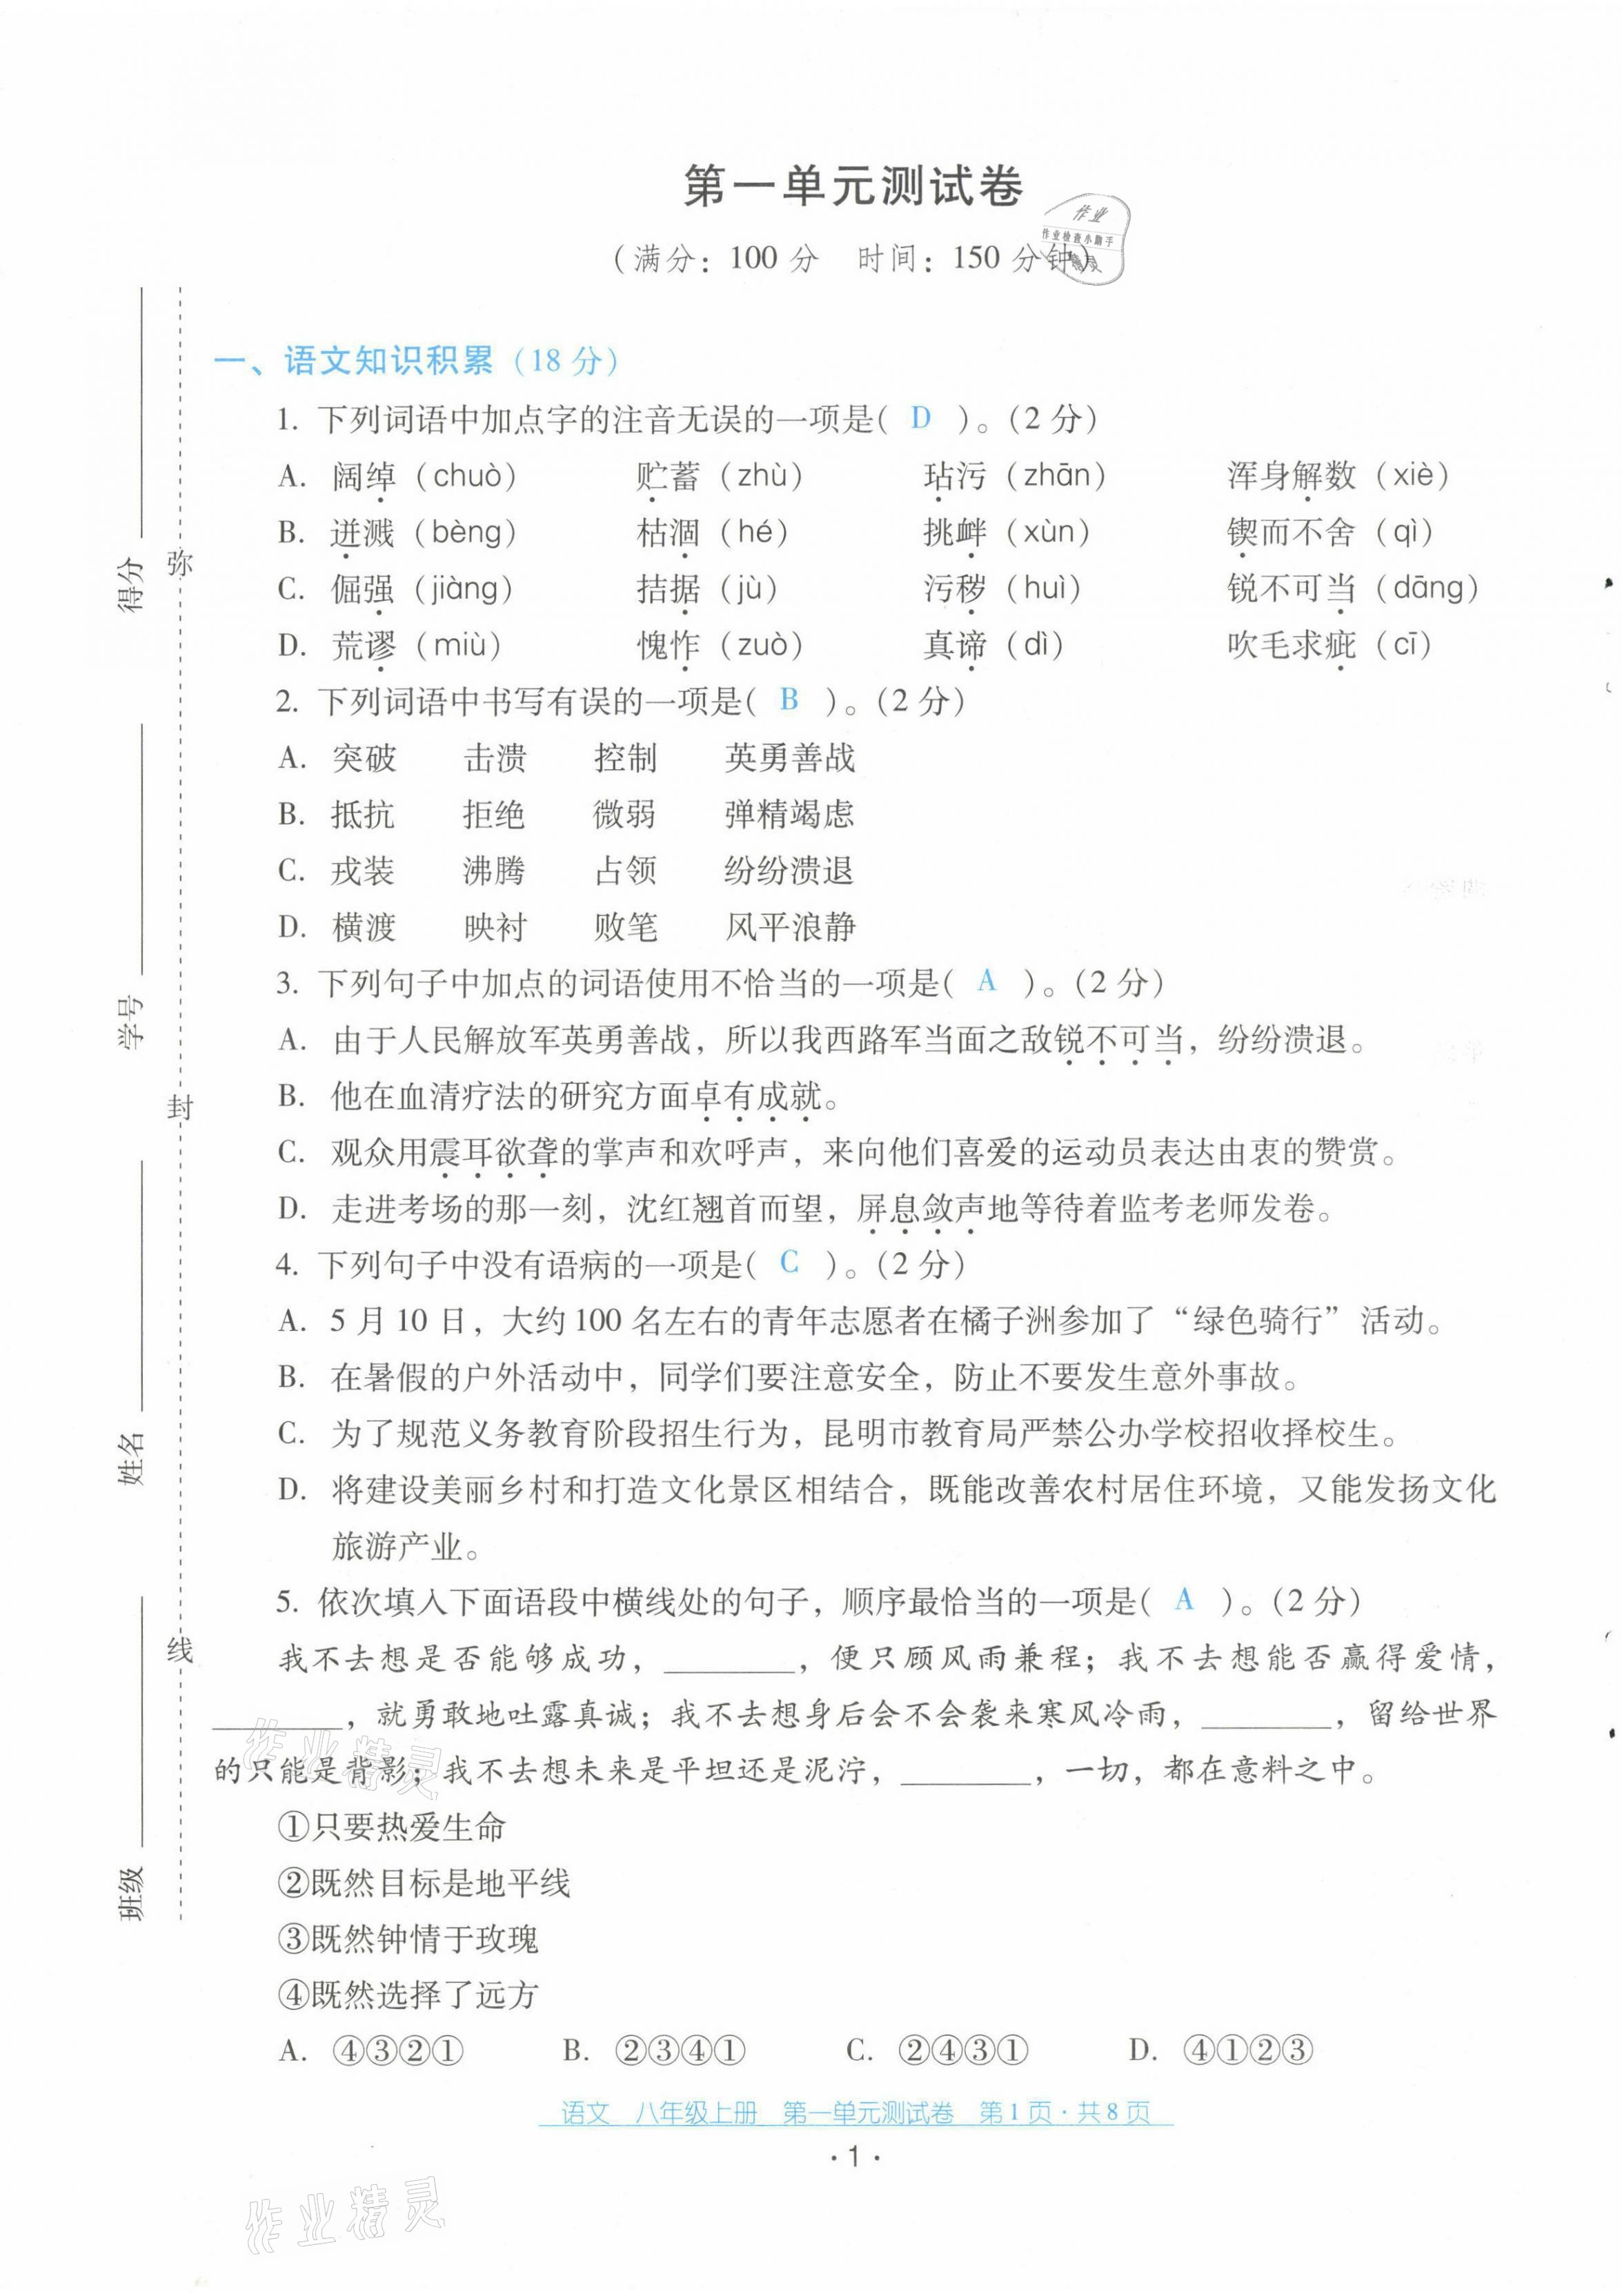 2021年云南省标准教辅优佳学案配套测试卷八年级语文上册人教版第1页